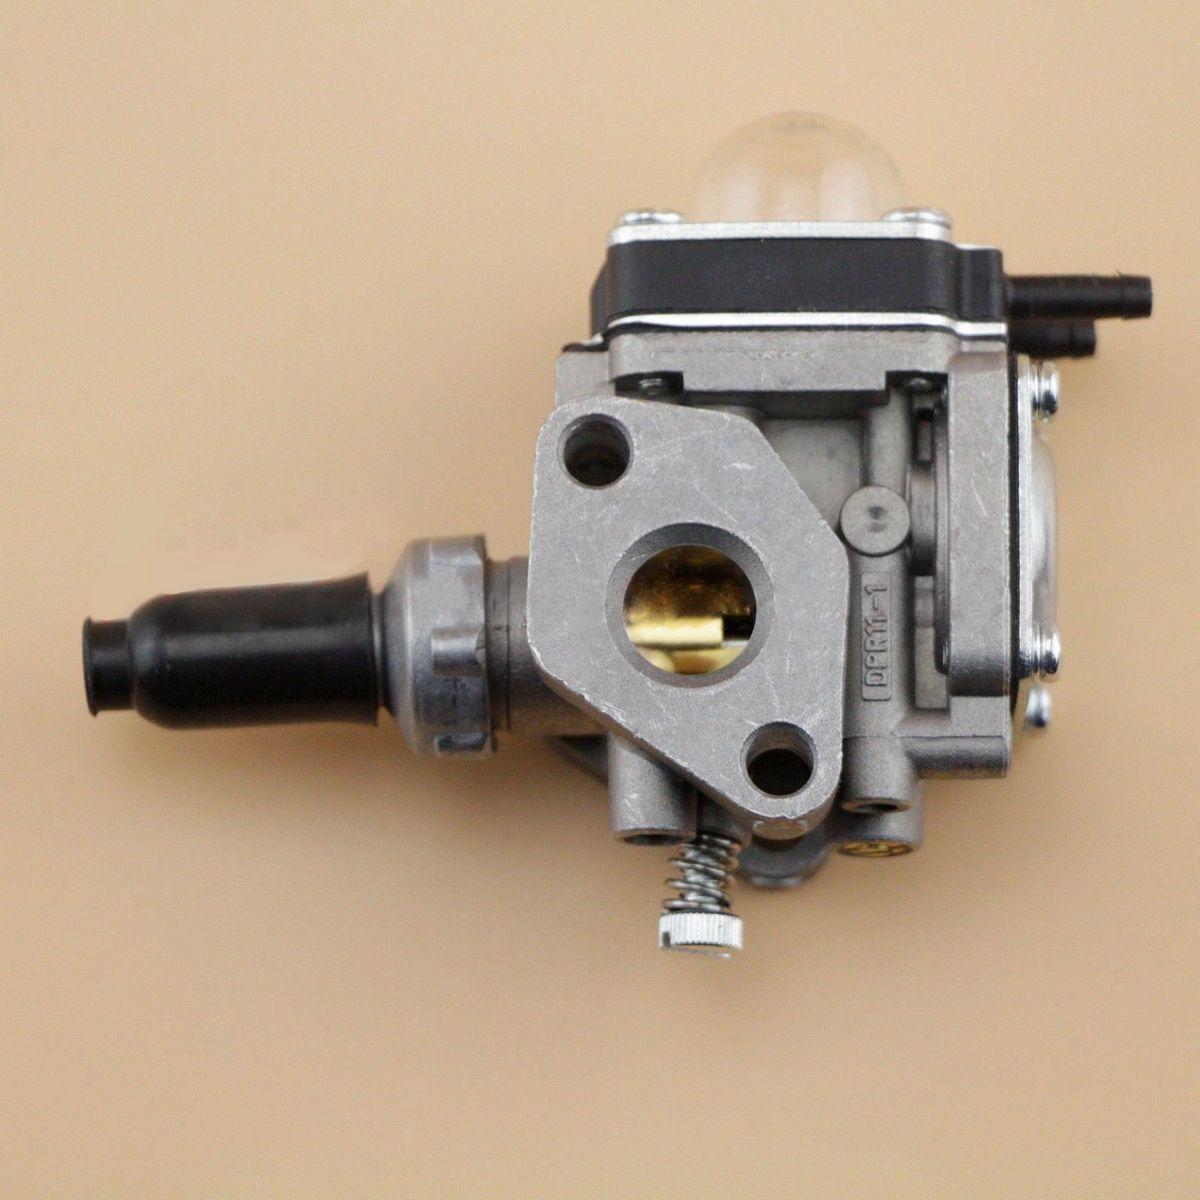 Карбюратор карбюратор Замена подходит для Kawasaki TH43 TH48 двигатель механическое устройство Электроинструмент высоко соответствует оригиналу